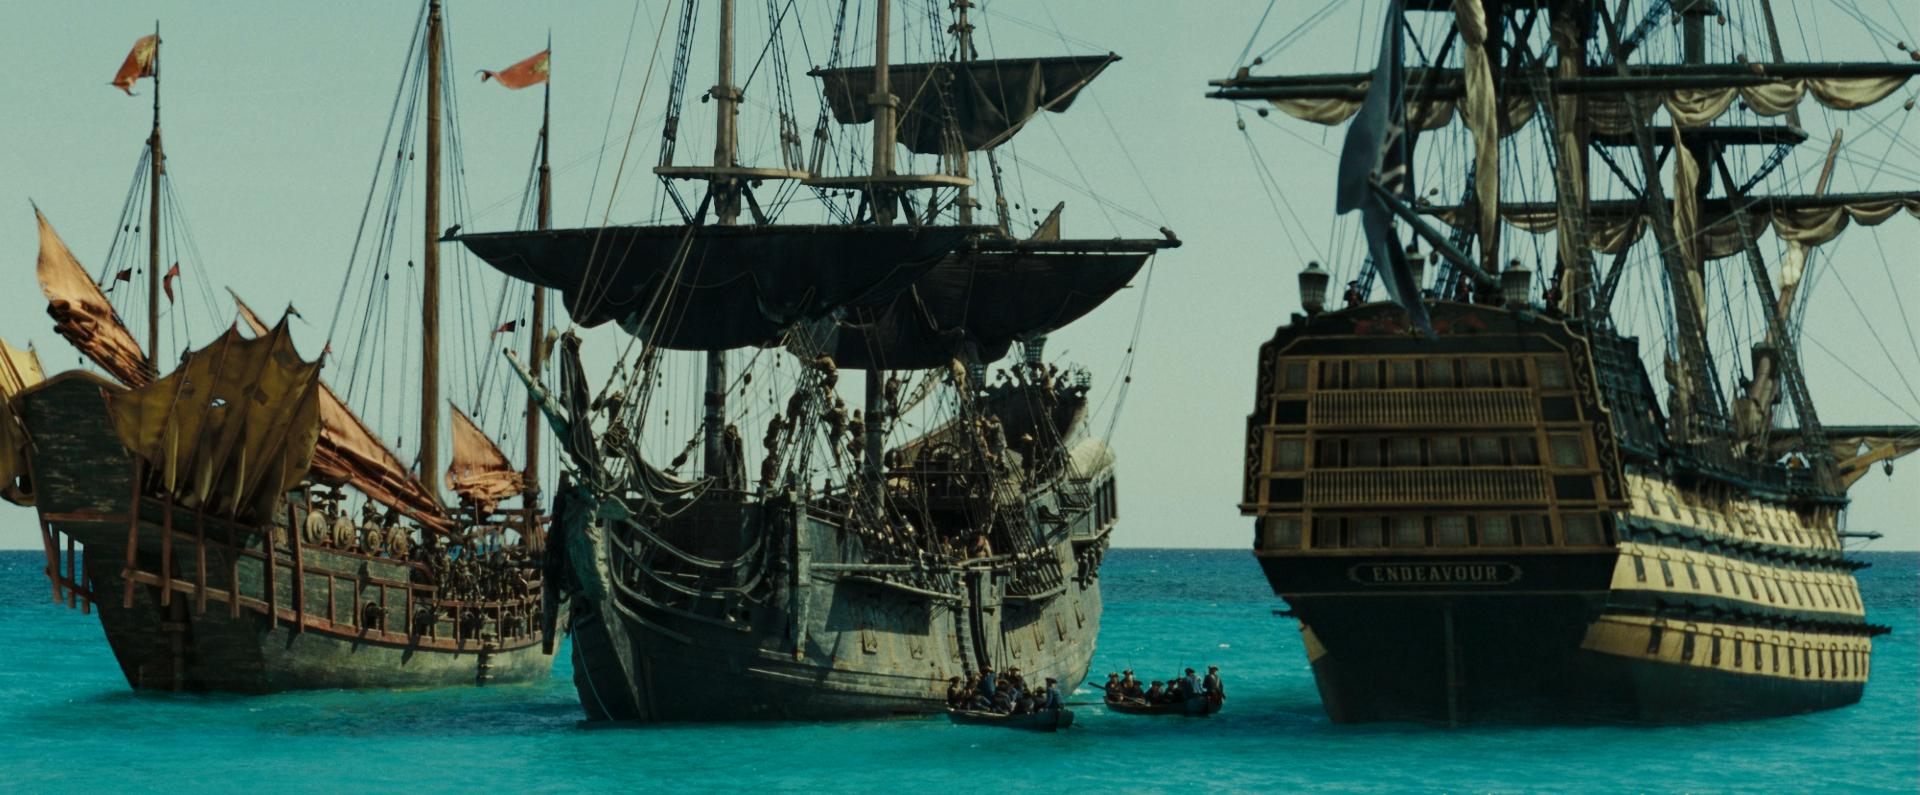 Οι πειρατές της Καραϊβικής ζούσαν στη Τζαμάικα